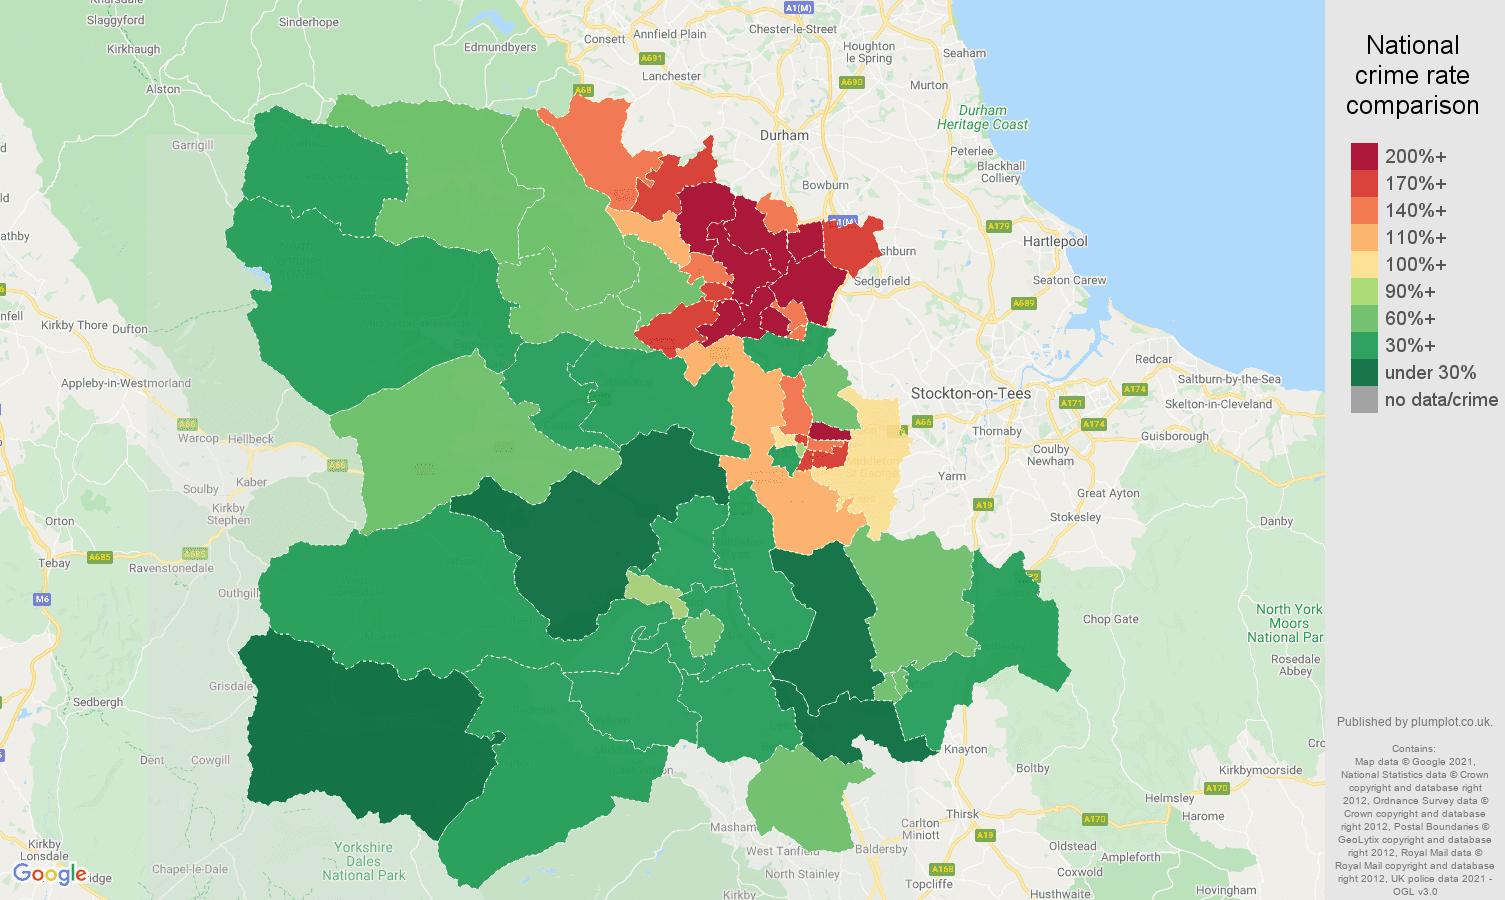 Darlington violent crime rate comparison map